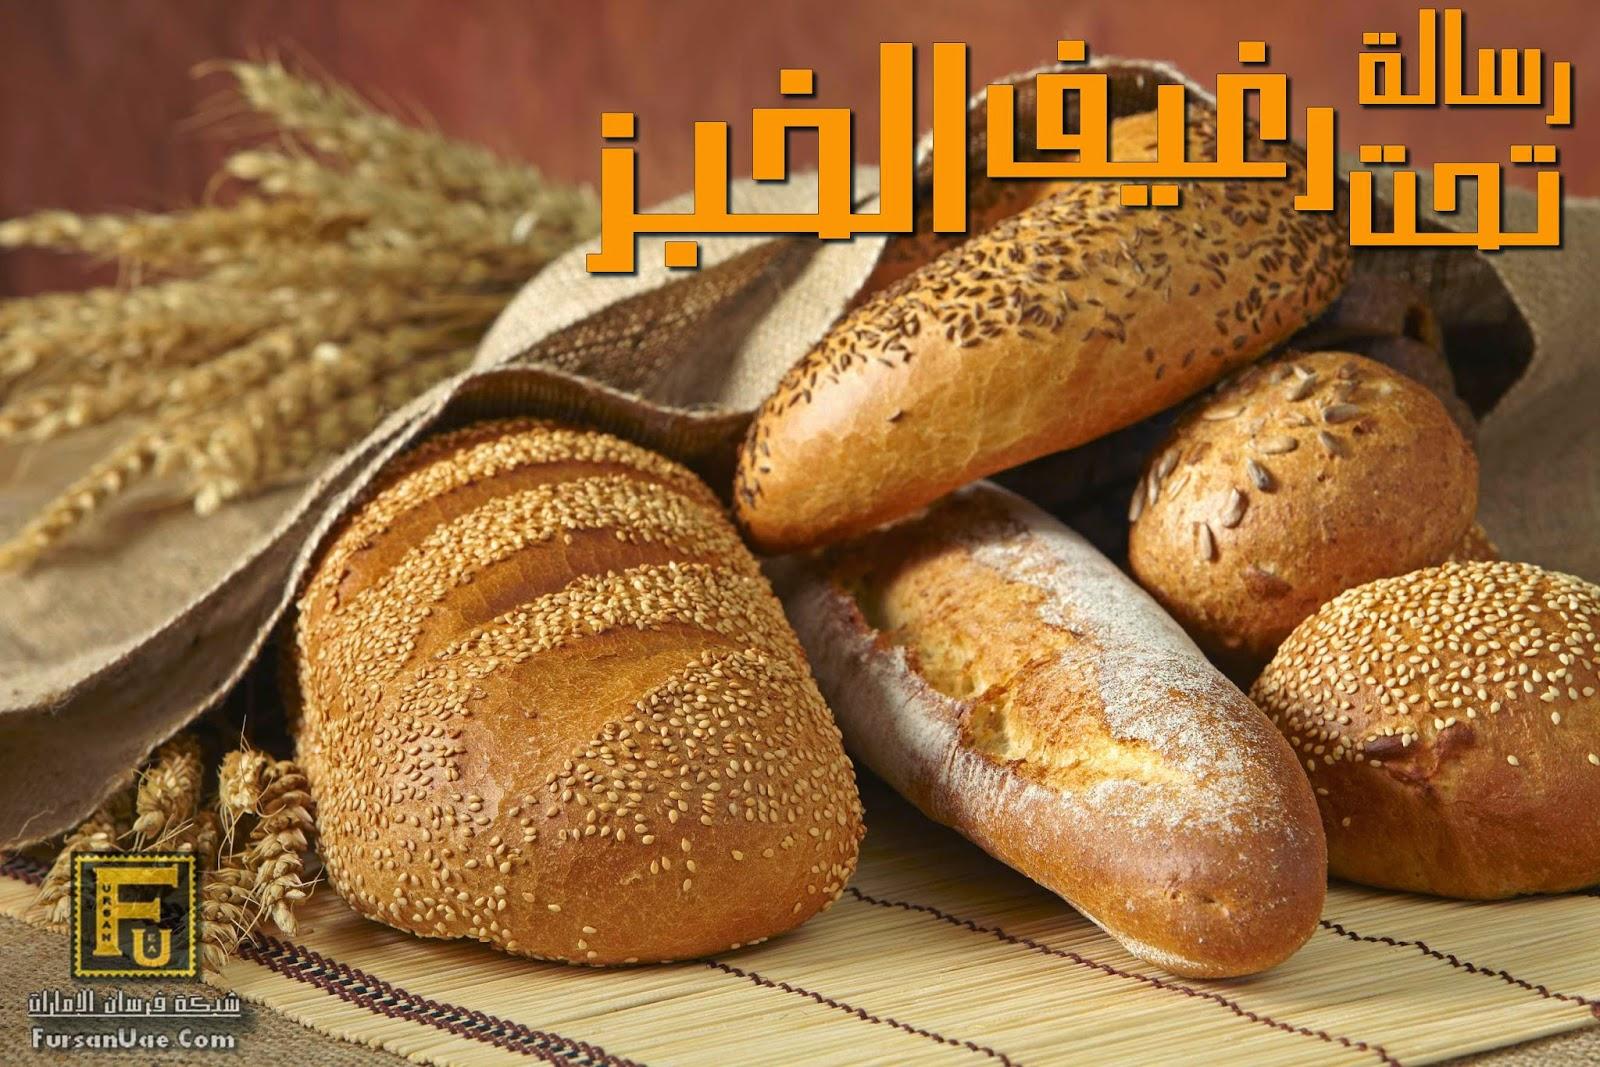 قصة الرسالة ورغيف الخبز